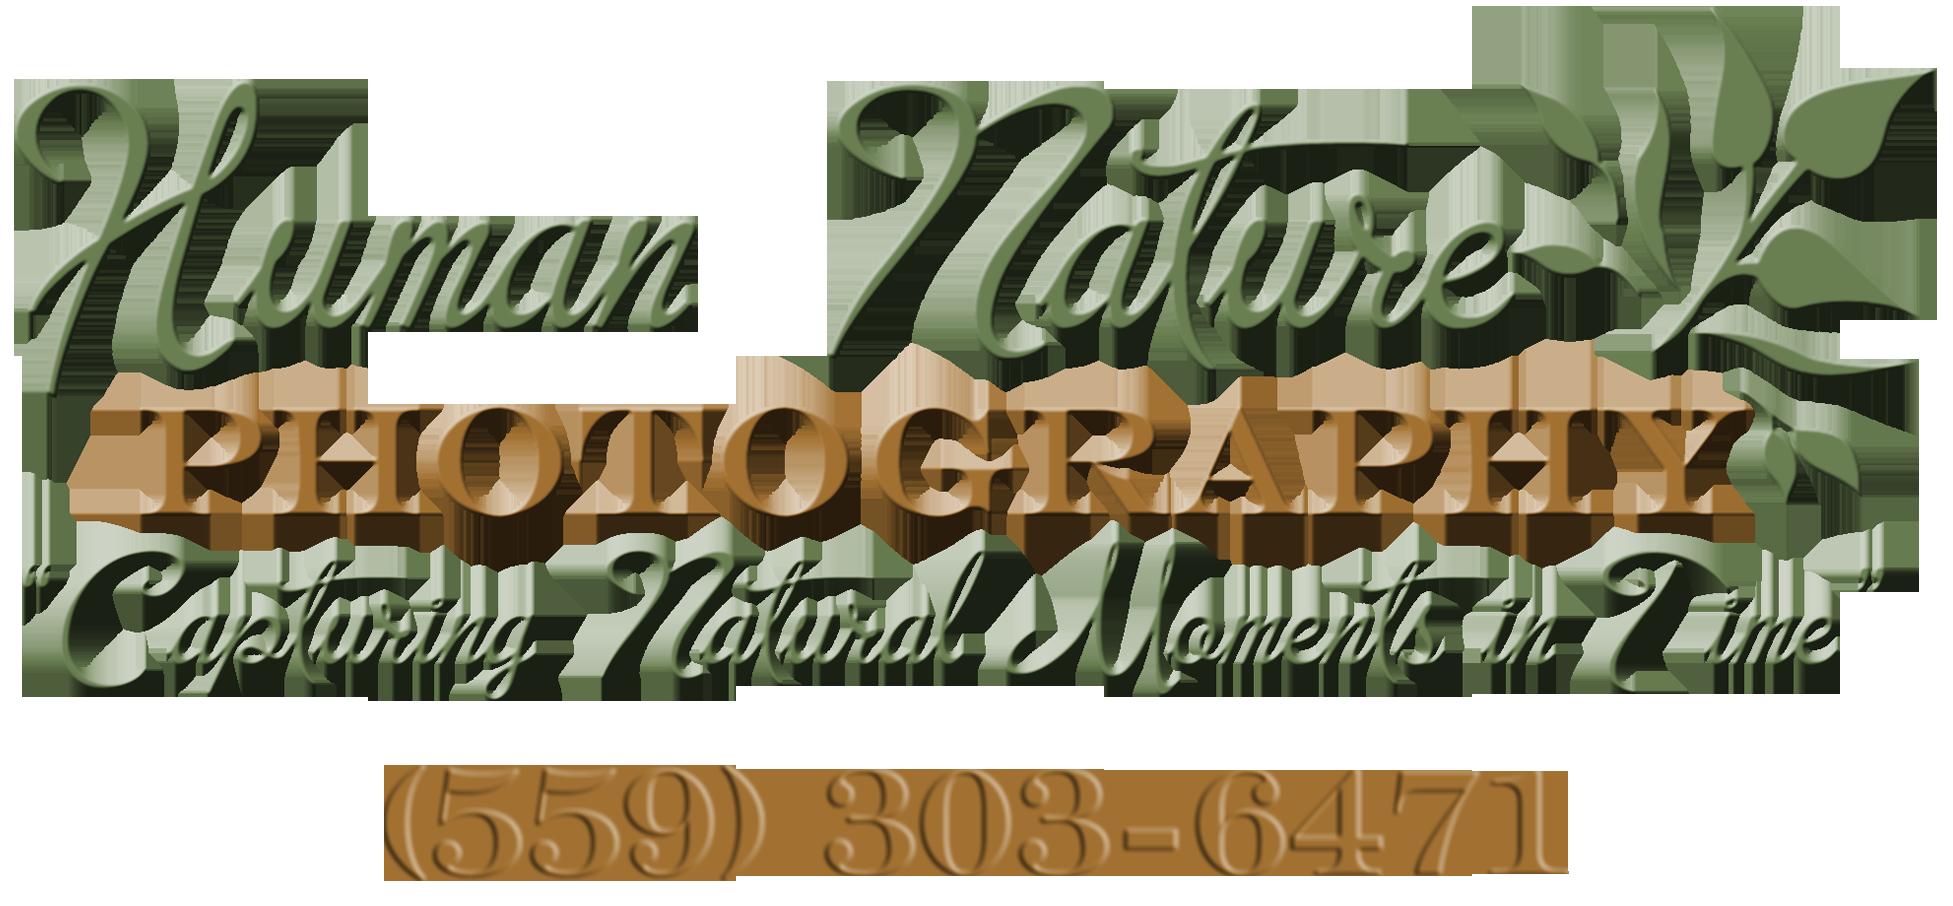 Engagement Photos Human Nature Photography Visalia